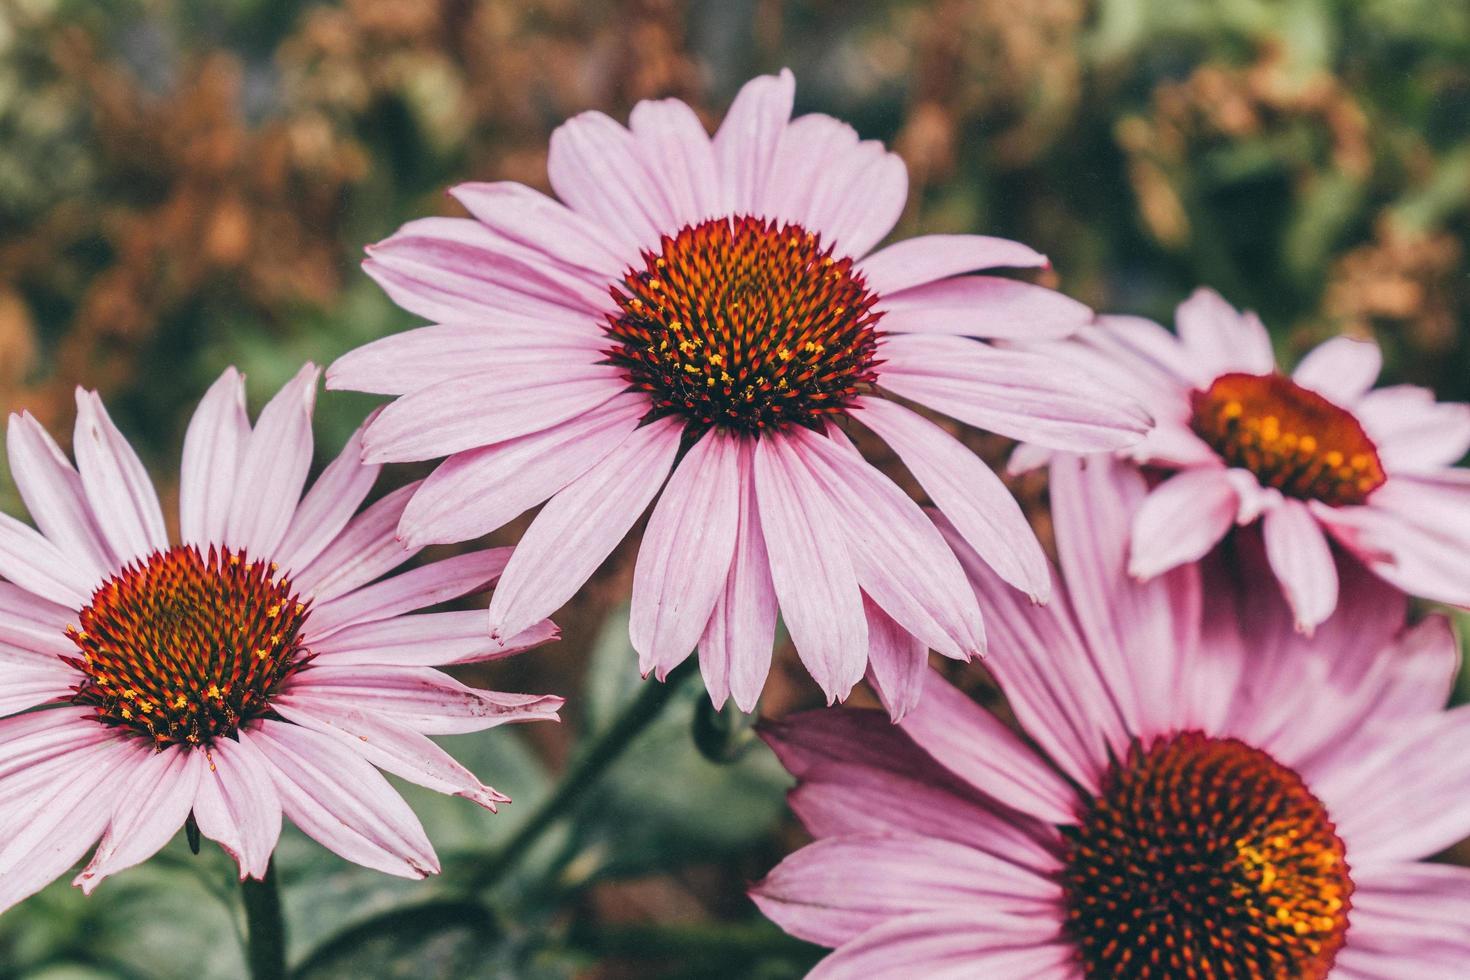 fiori viola nella lente tilt shift foto